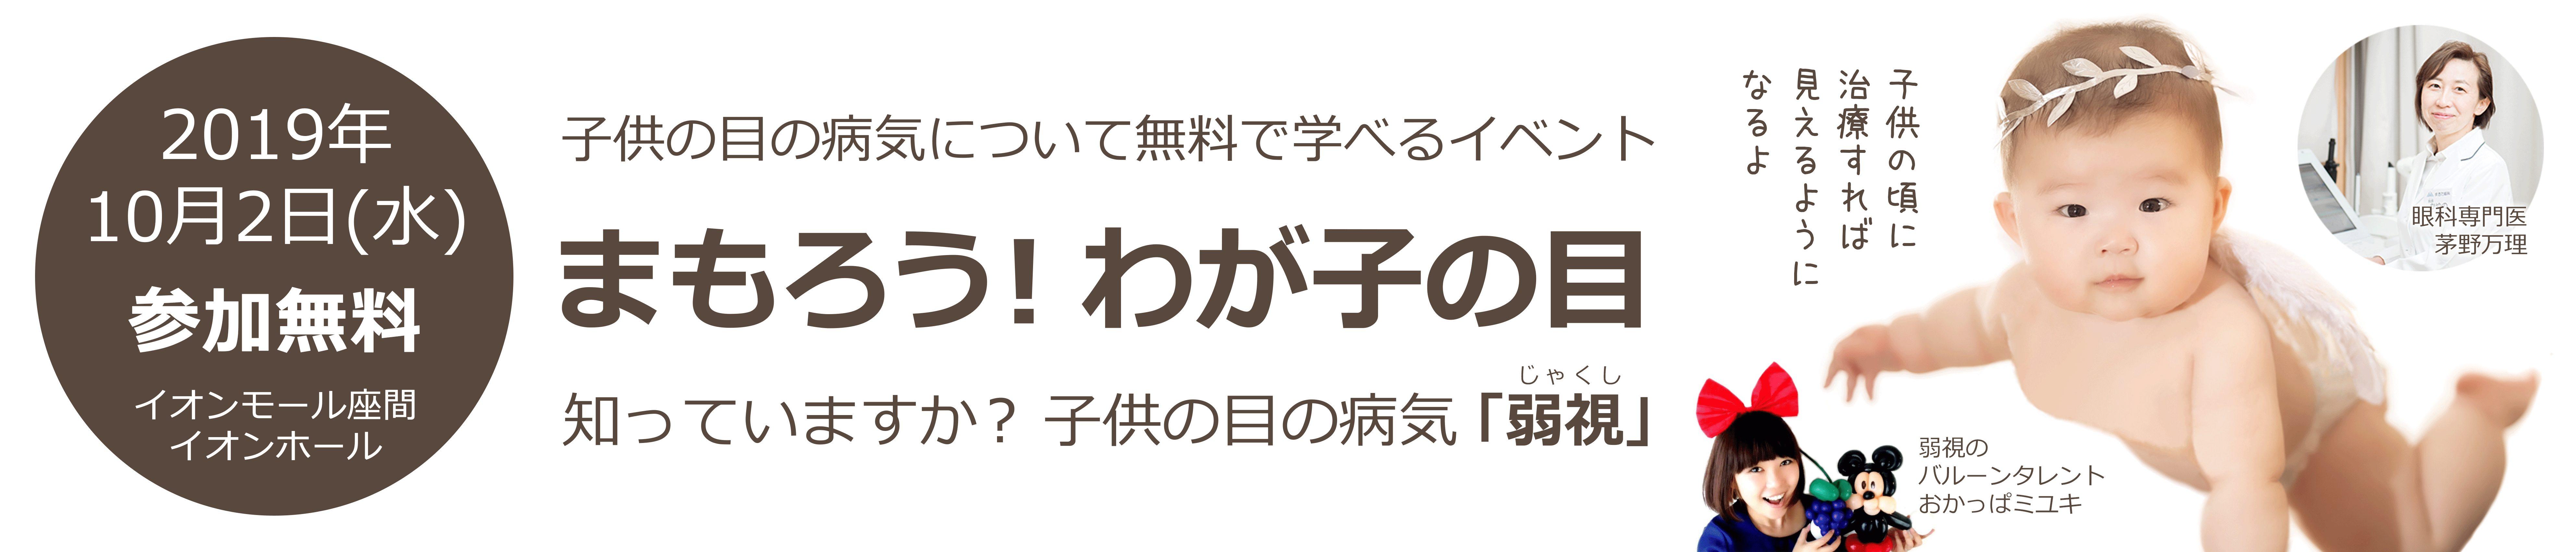 2019年10月2日水曜日イベント「まもろう!わが子の目」